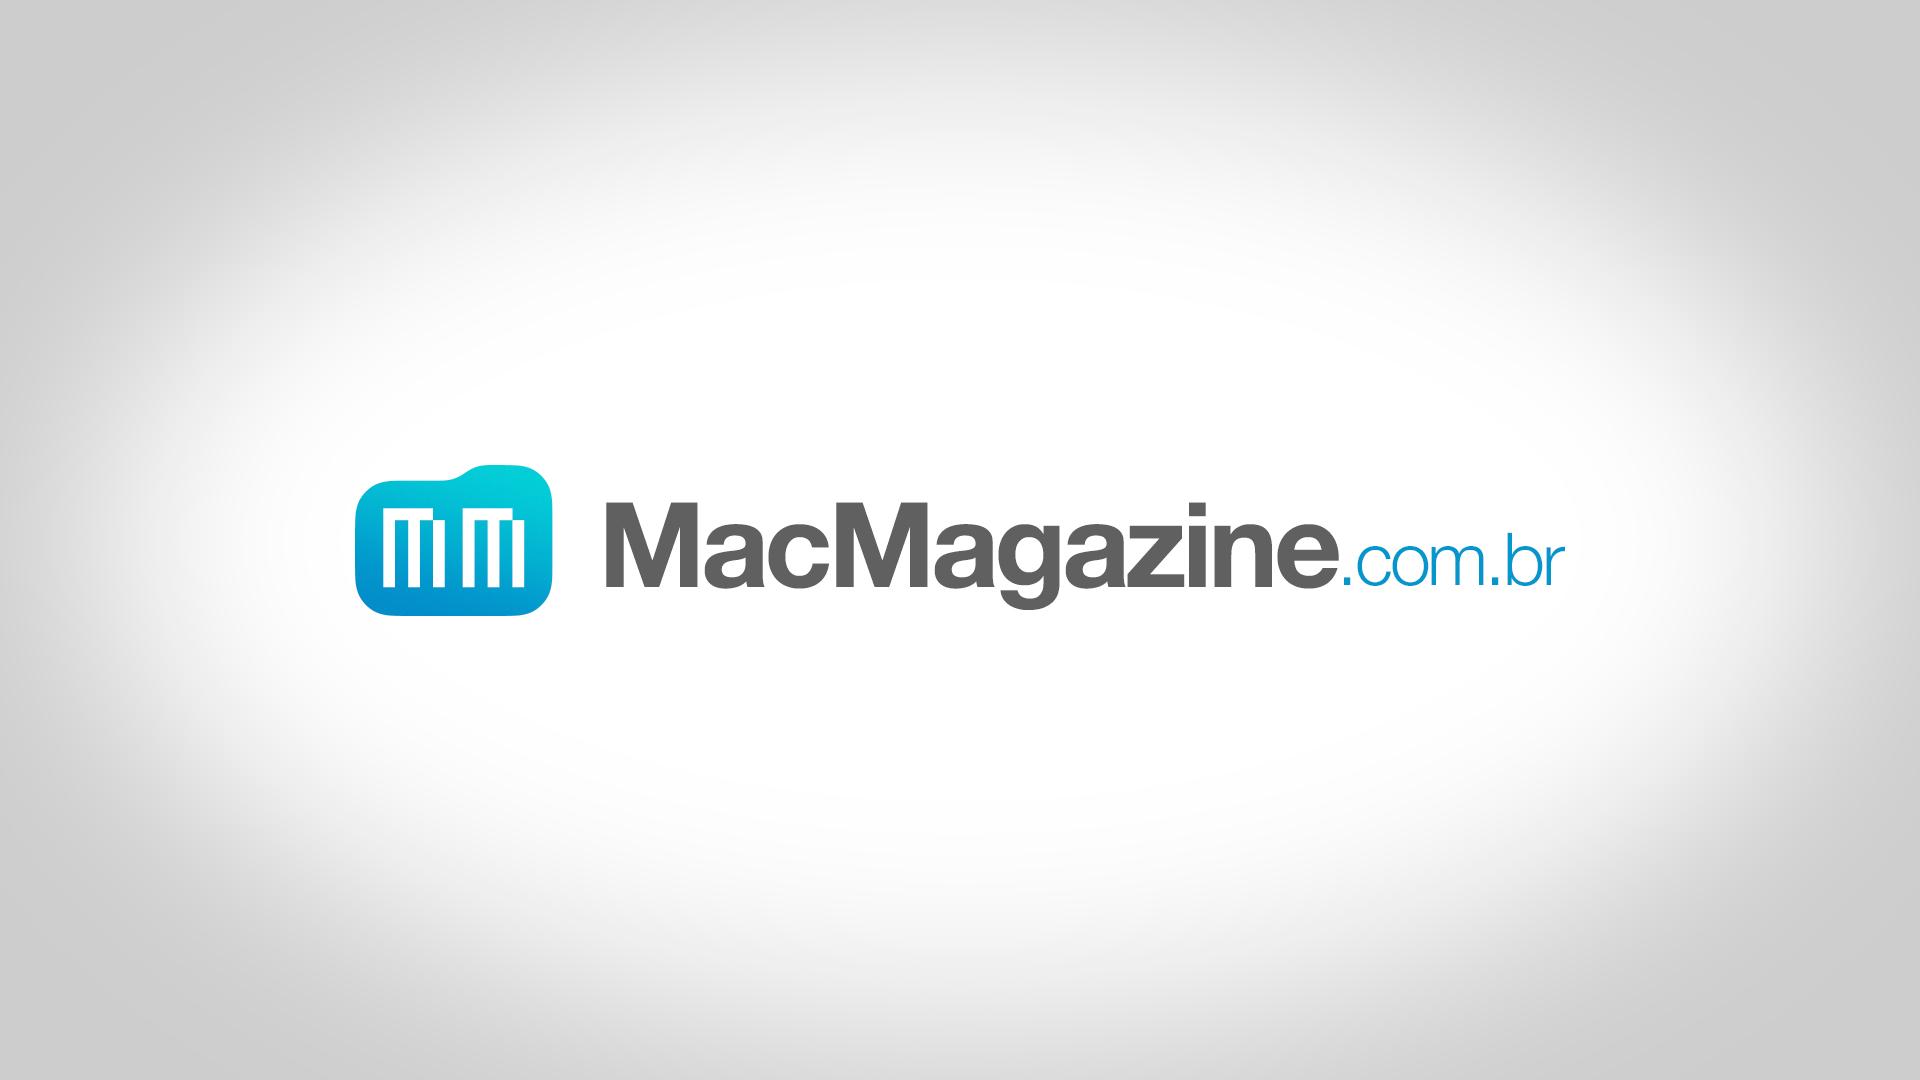 Novo logo do MacMagazine